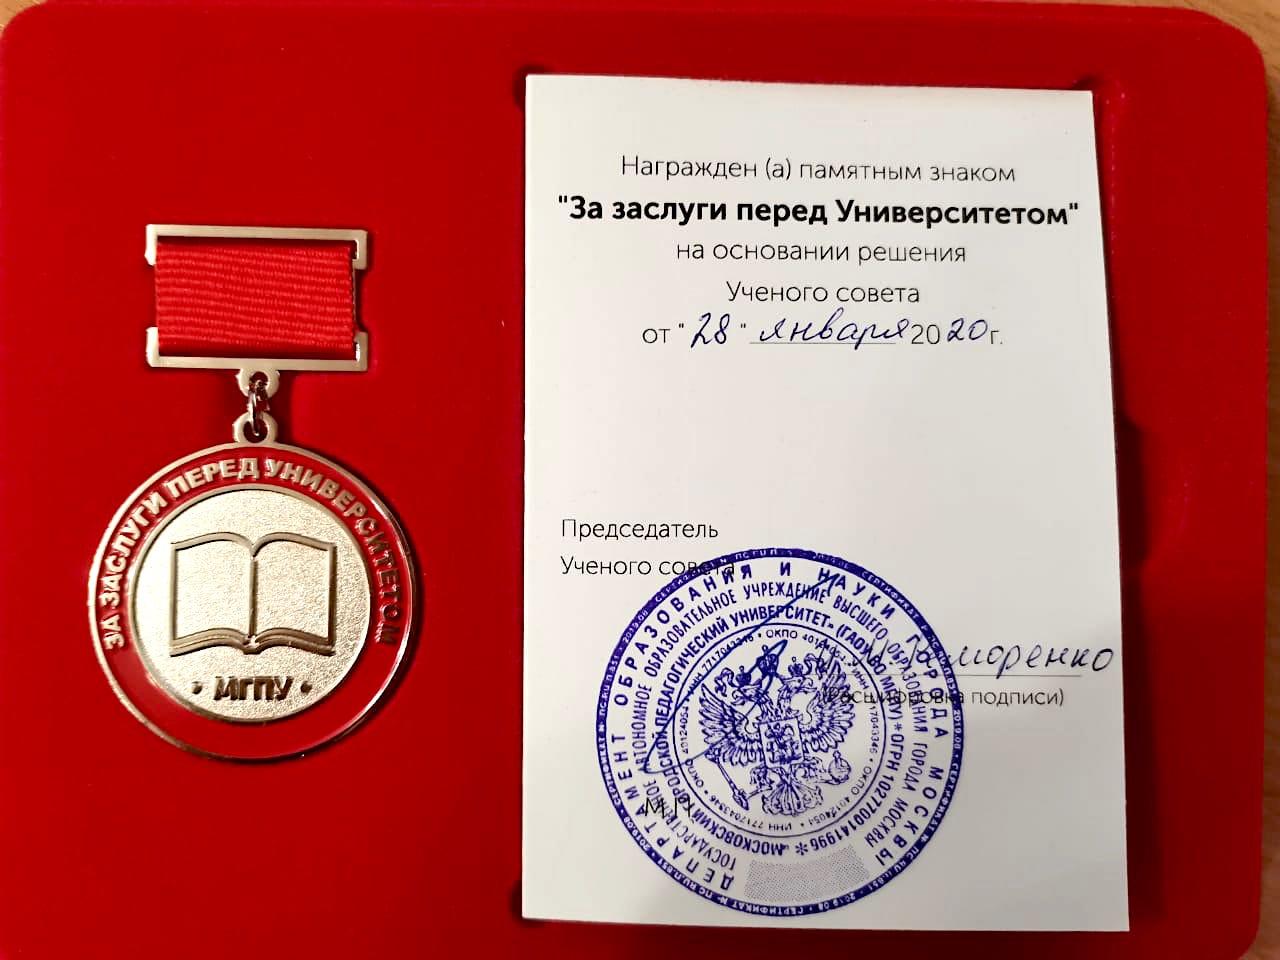 Ольга Короленко. Памятный знак